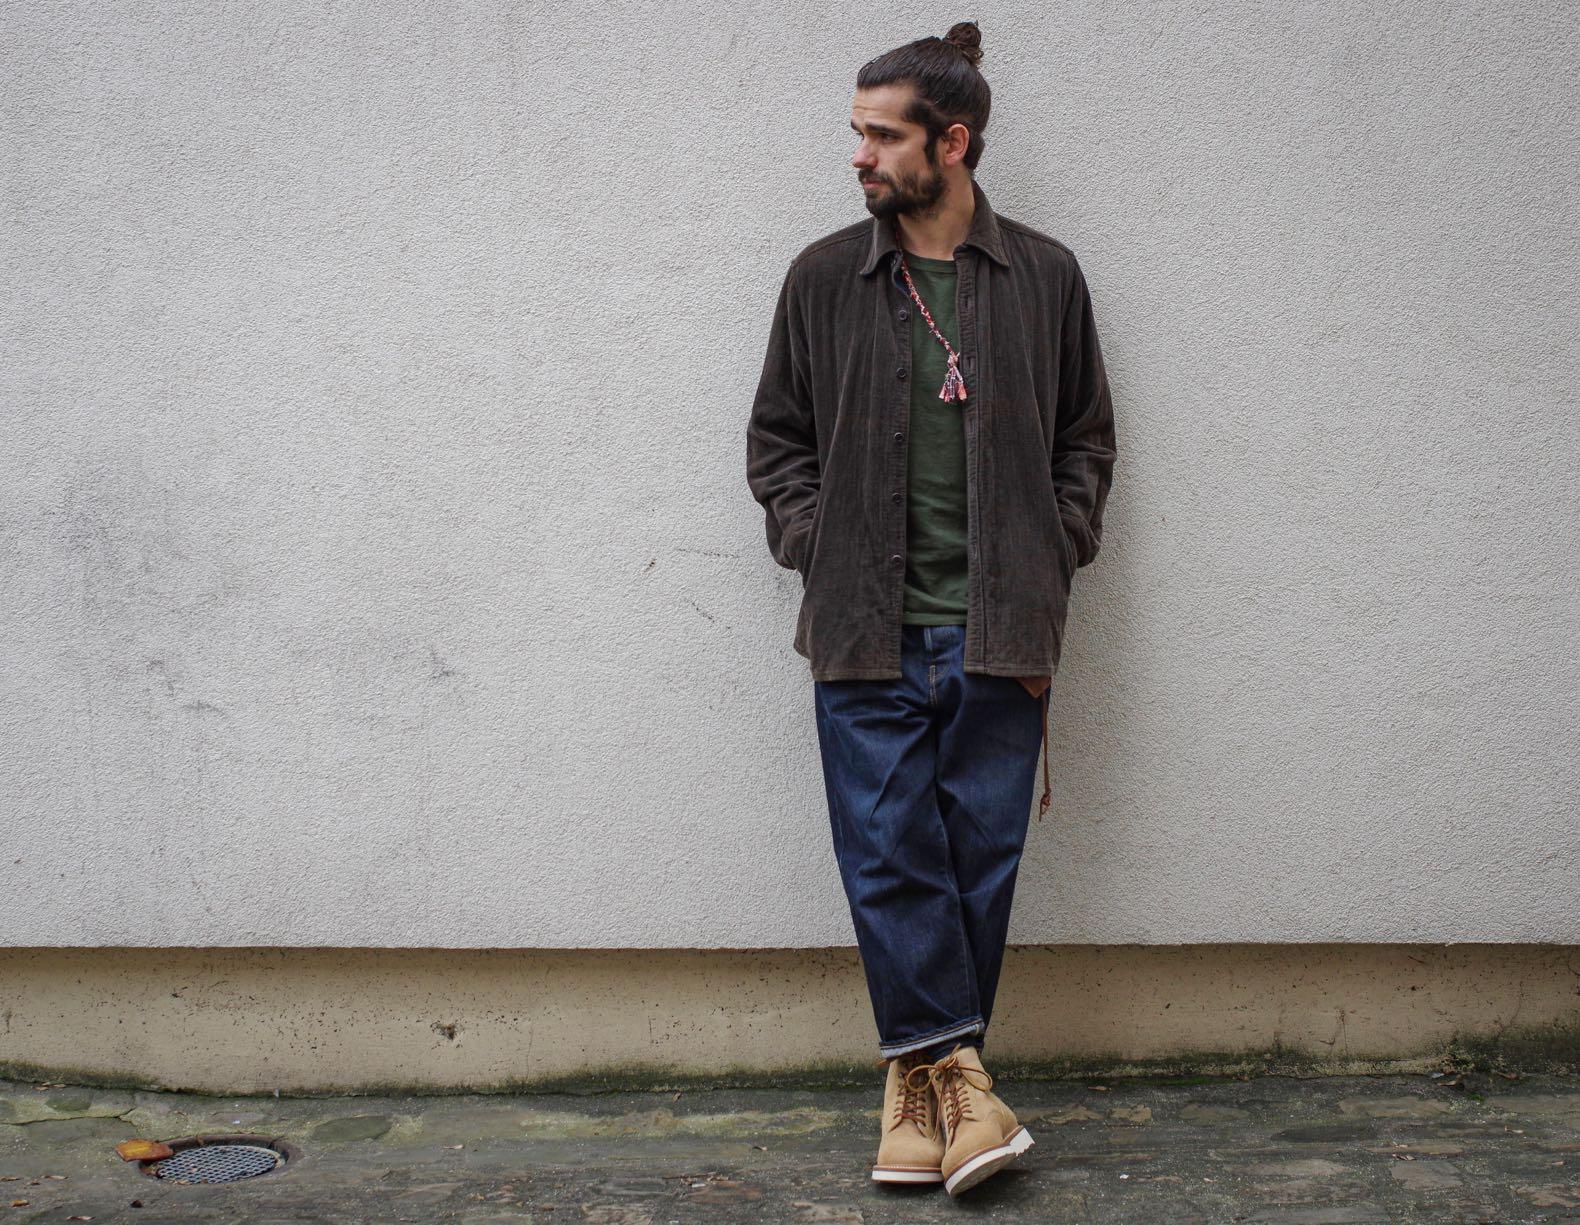 comment porter une surchemise en velours style homme workwear